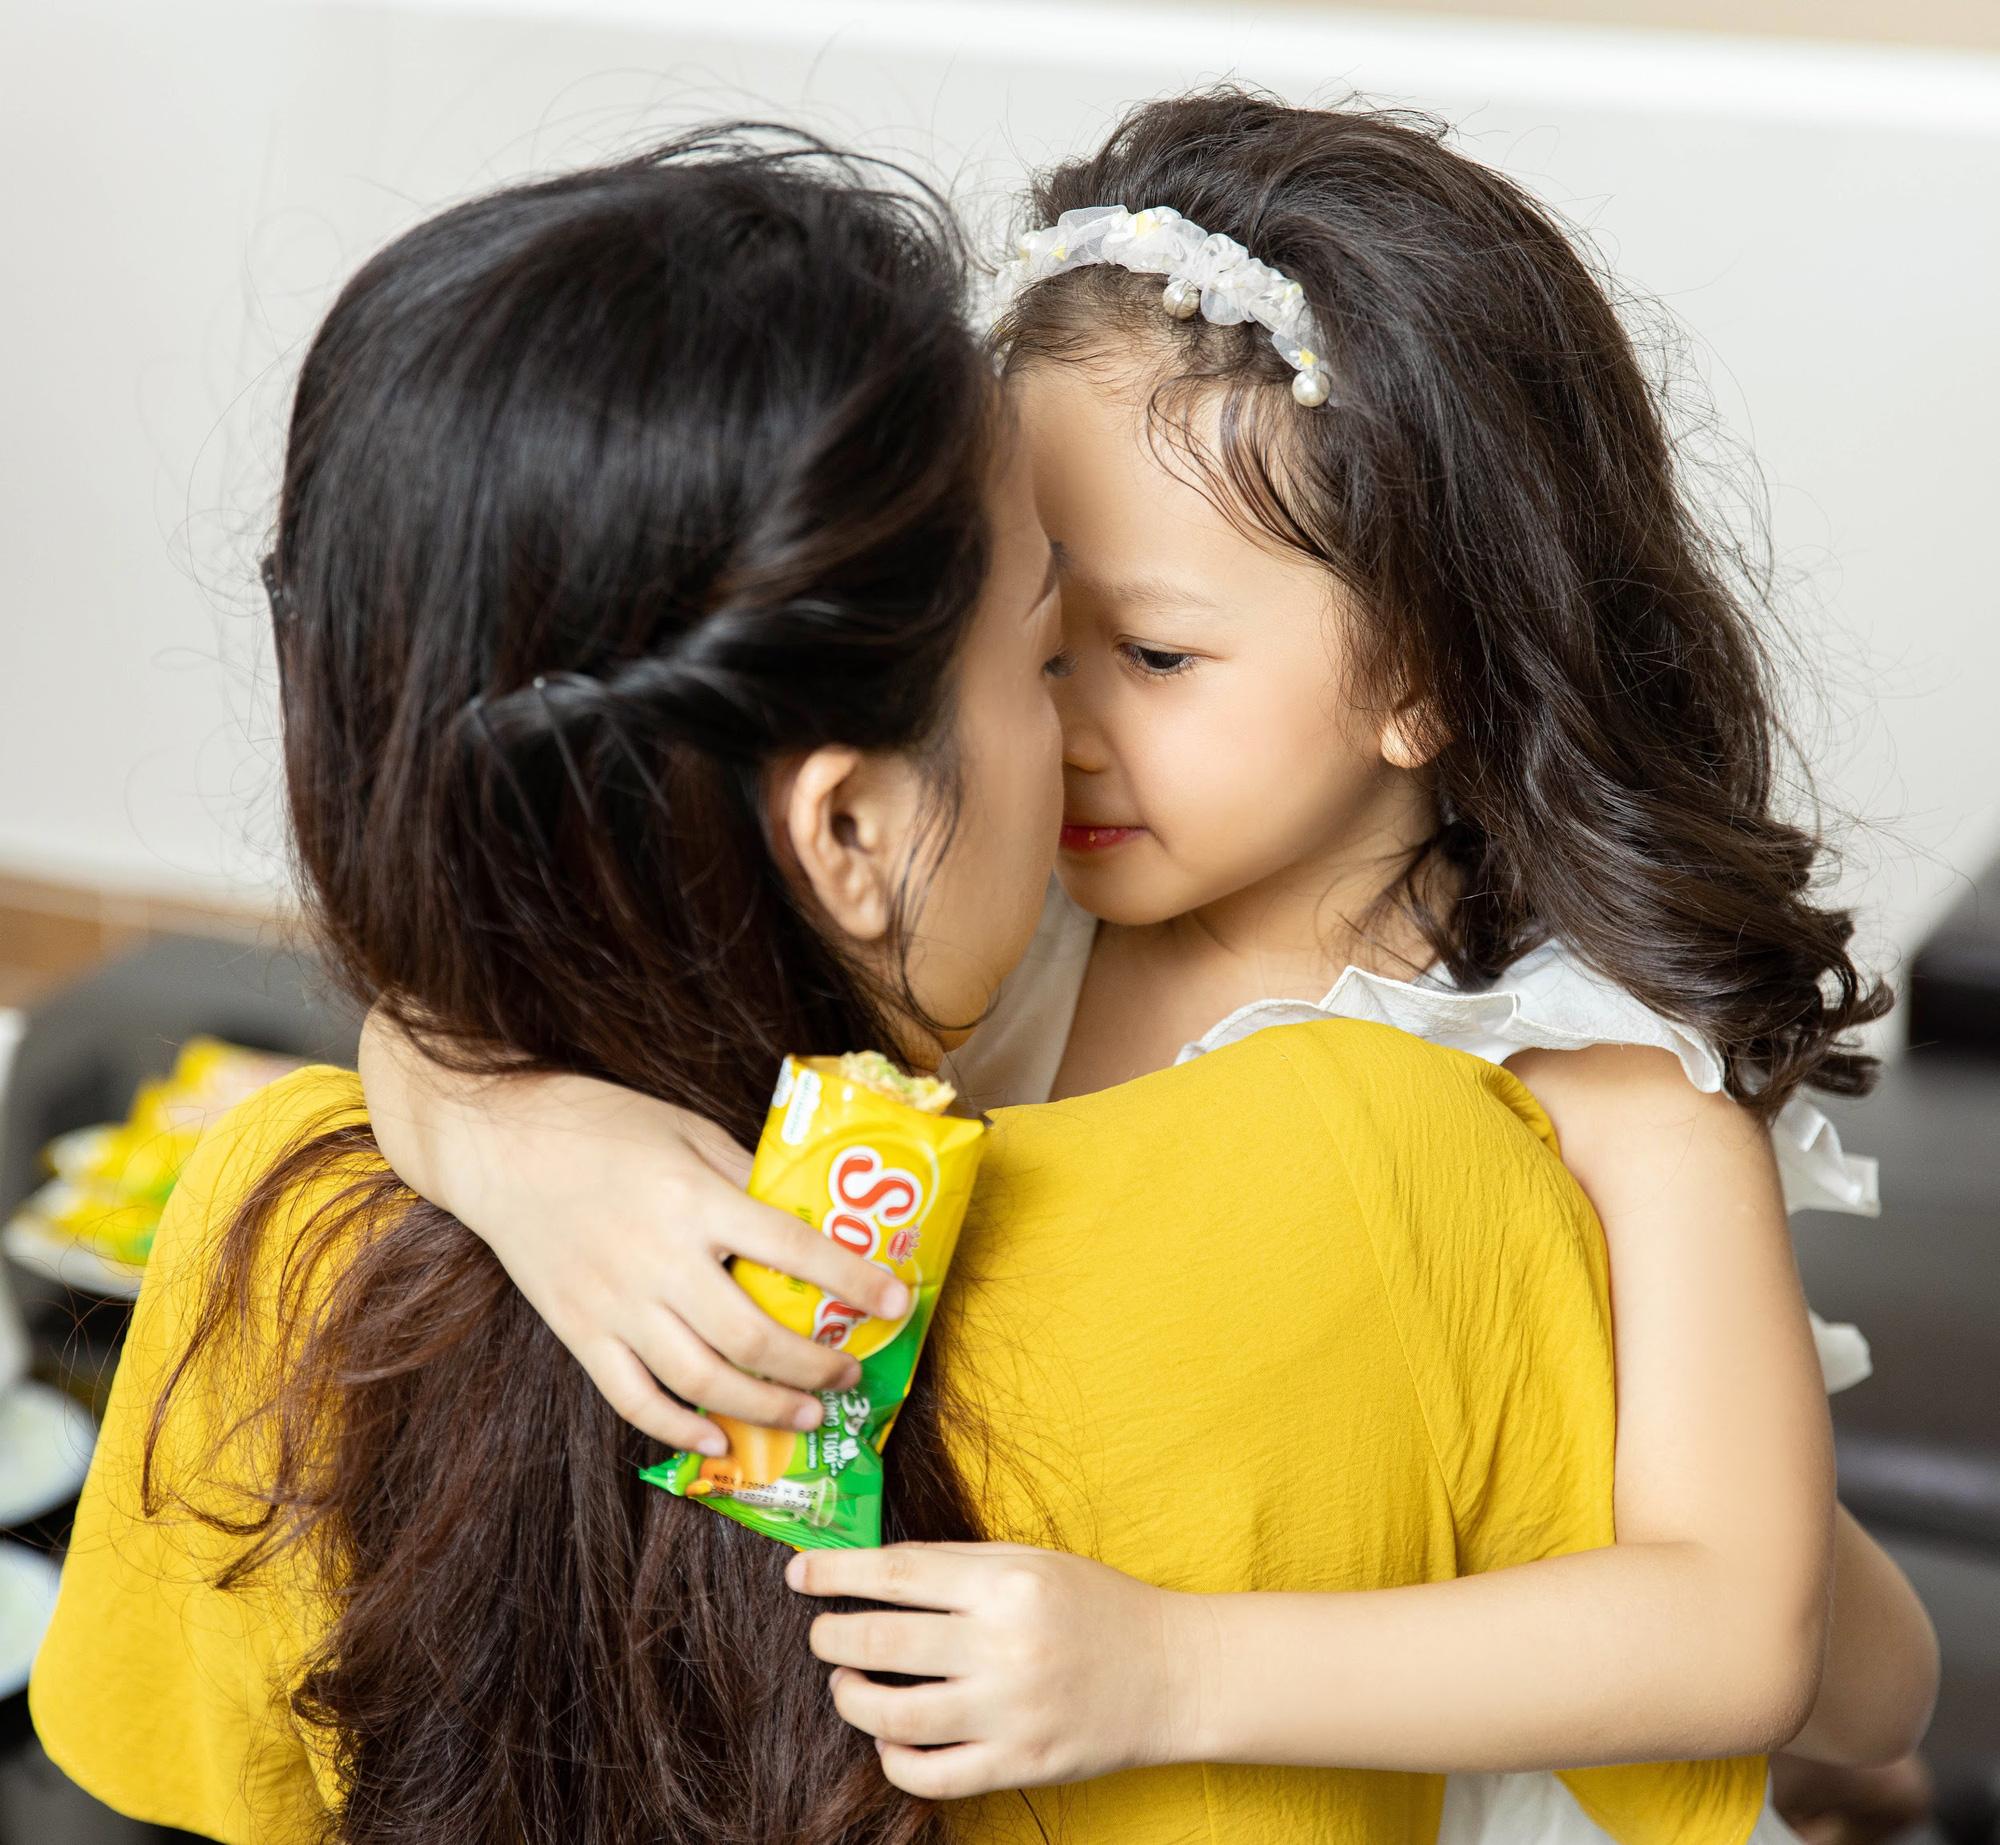 """""""Châm ngôn"""" mới của mẹ trẻ hiện đại: Mẹ mềm dịu, con tự tin hạnh phúc - Ảnh 4."""